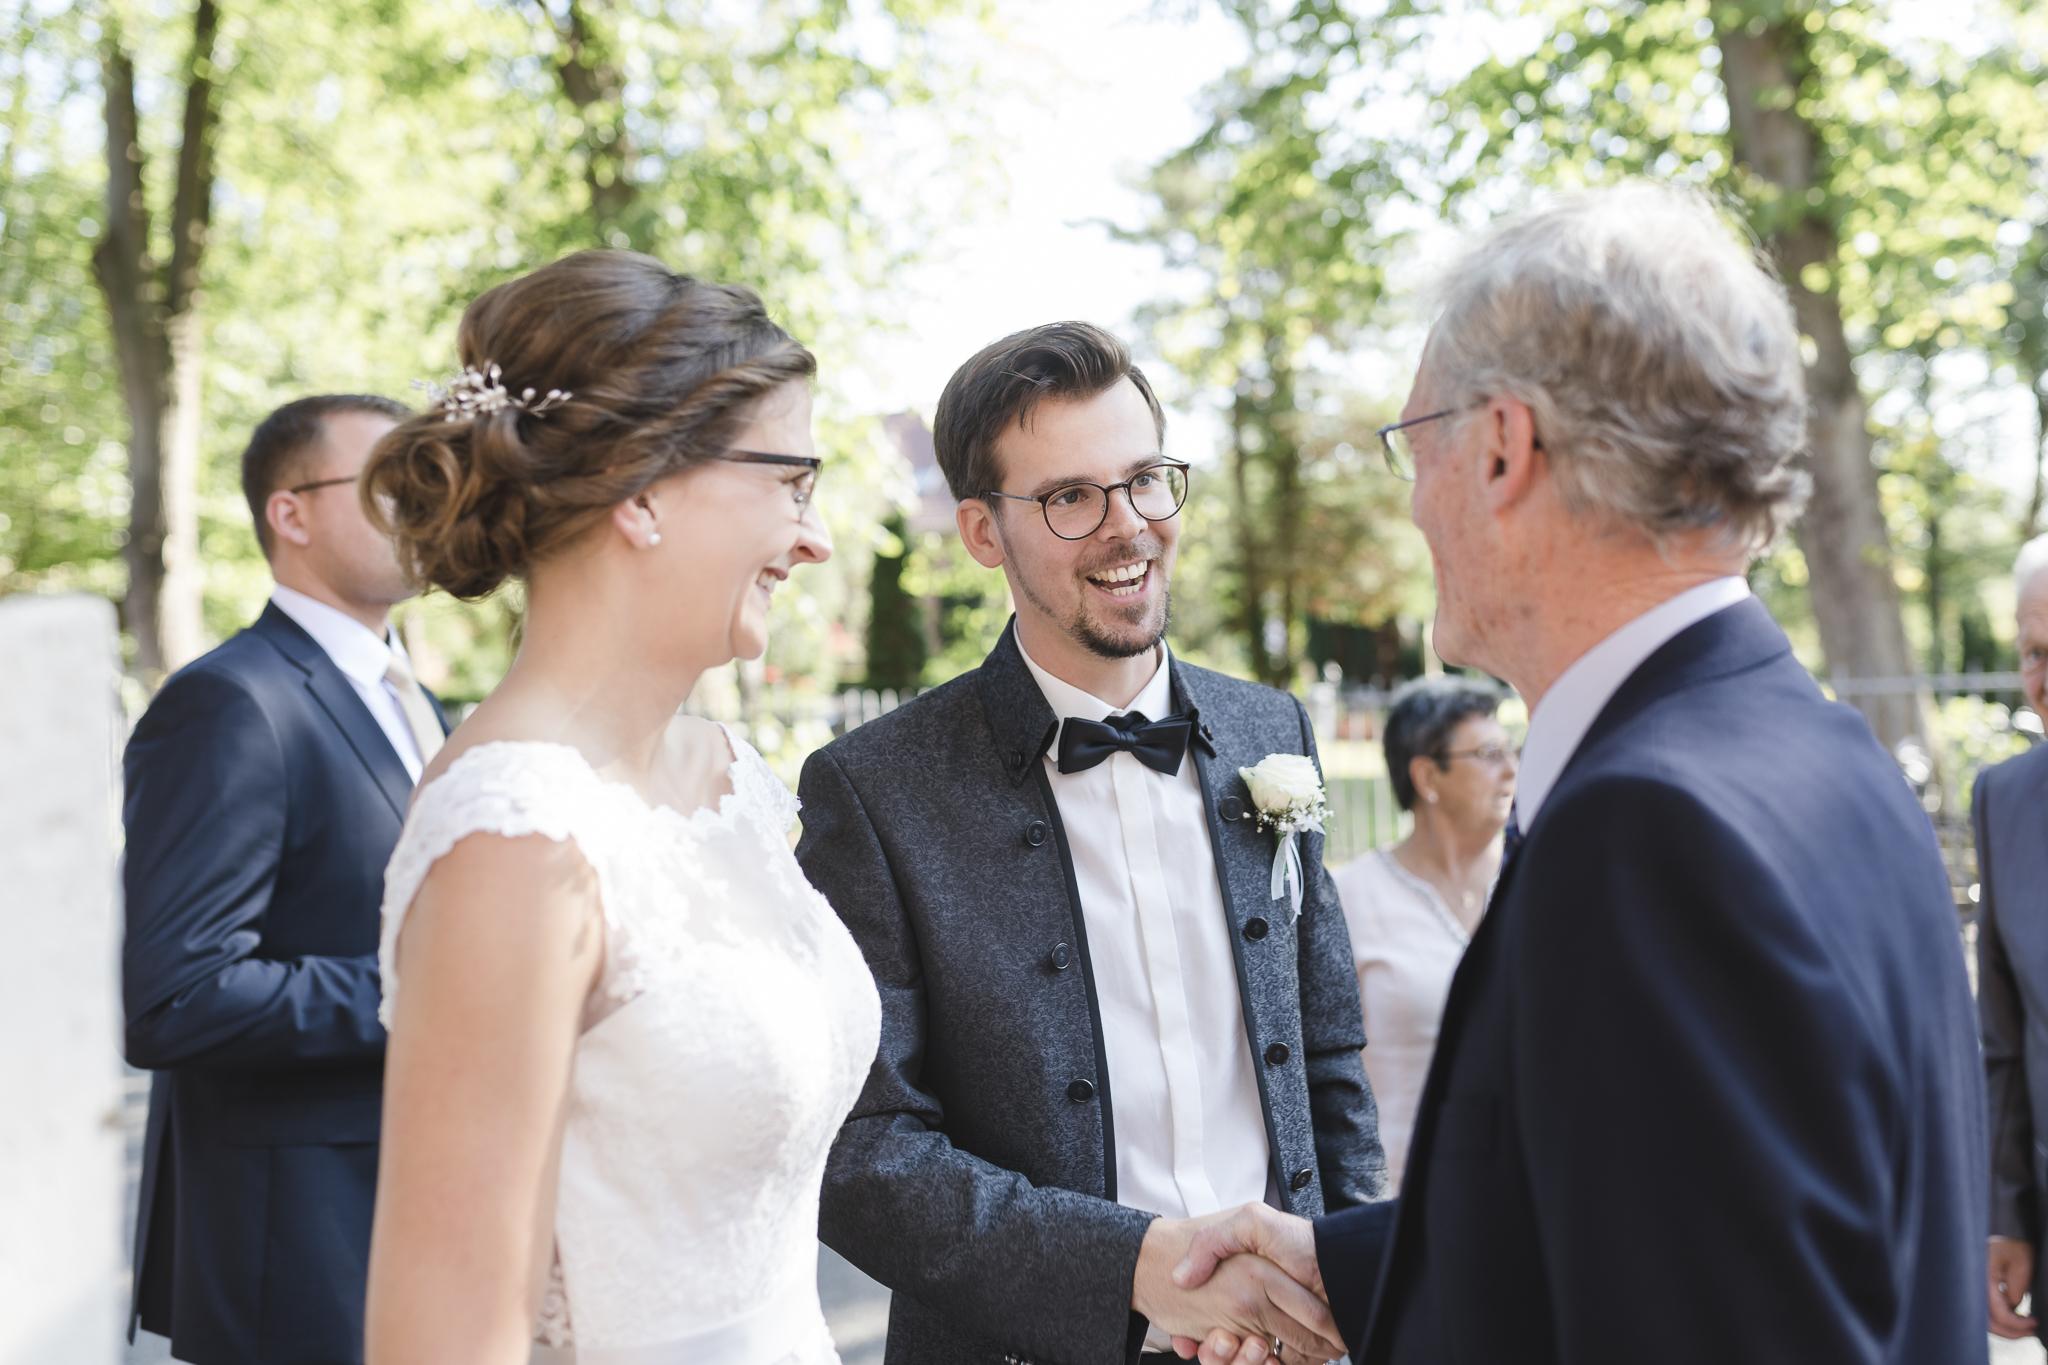 Aufgabe als Trauzeuge: Bei der Gratulation dem Brautpaar die Geschenke abnehmen